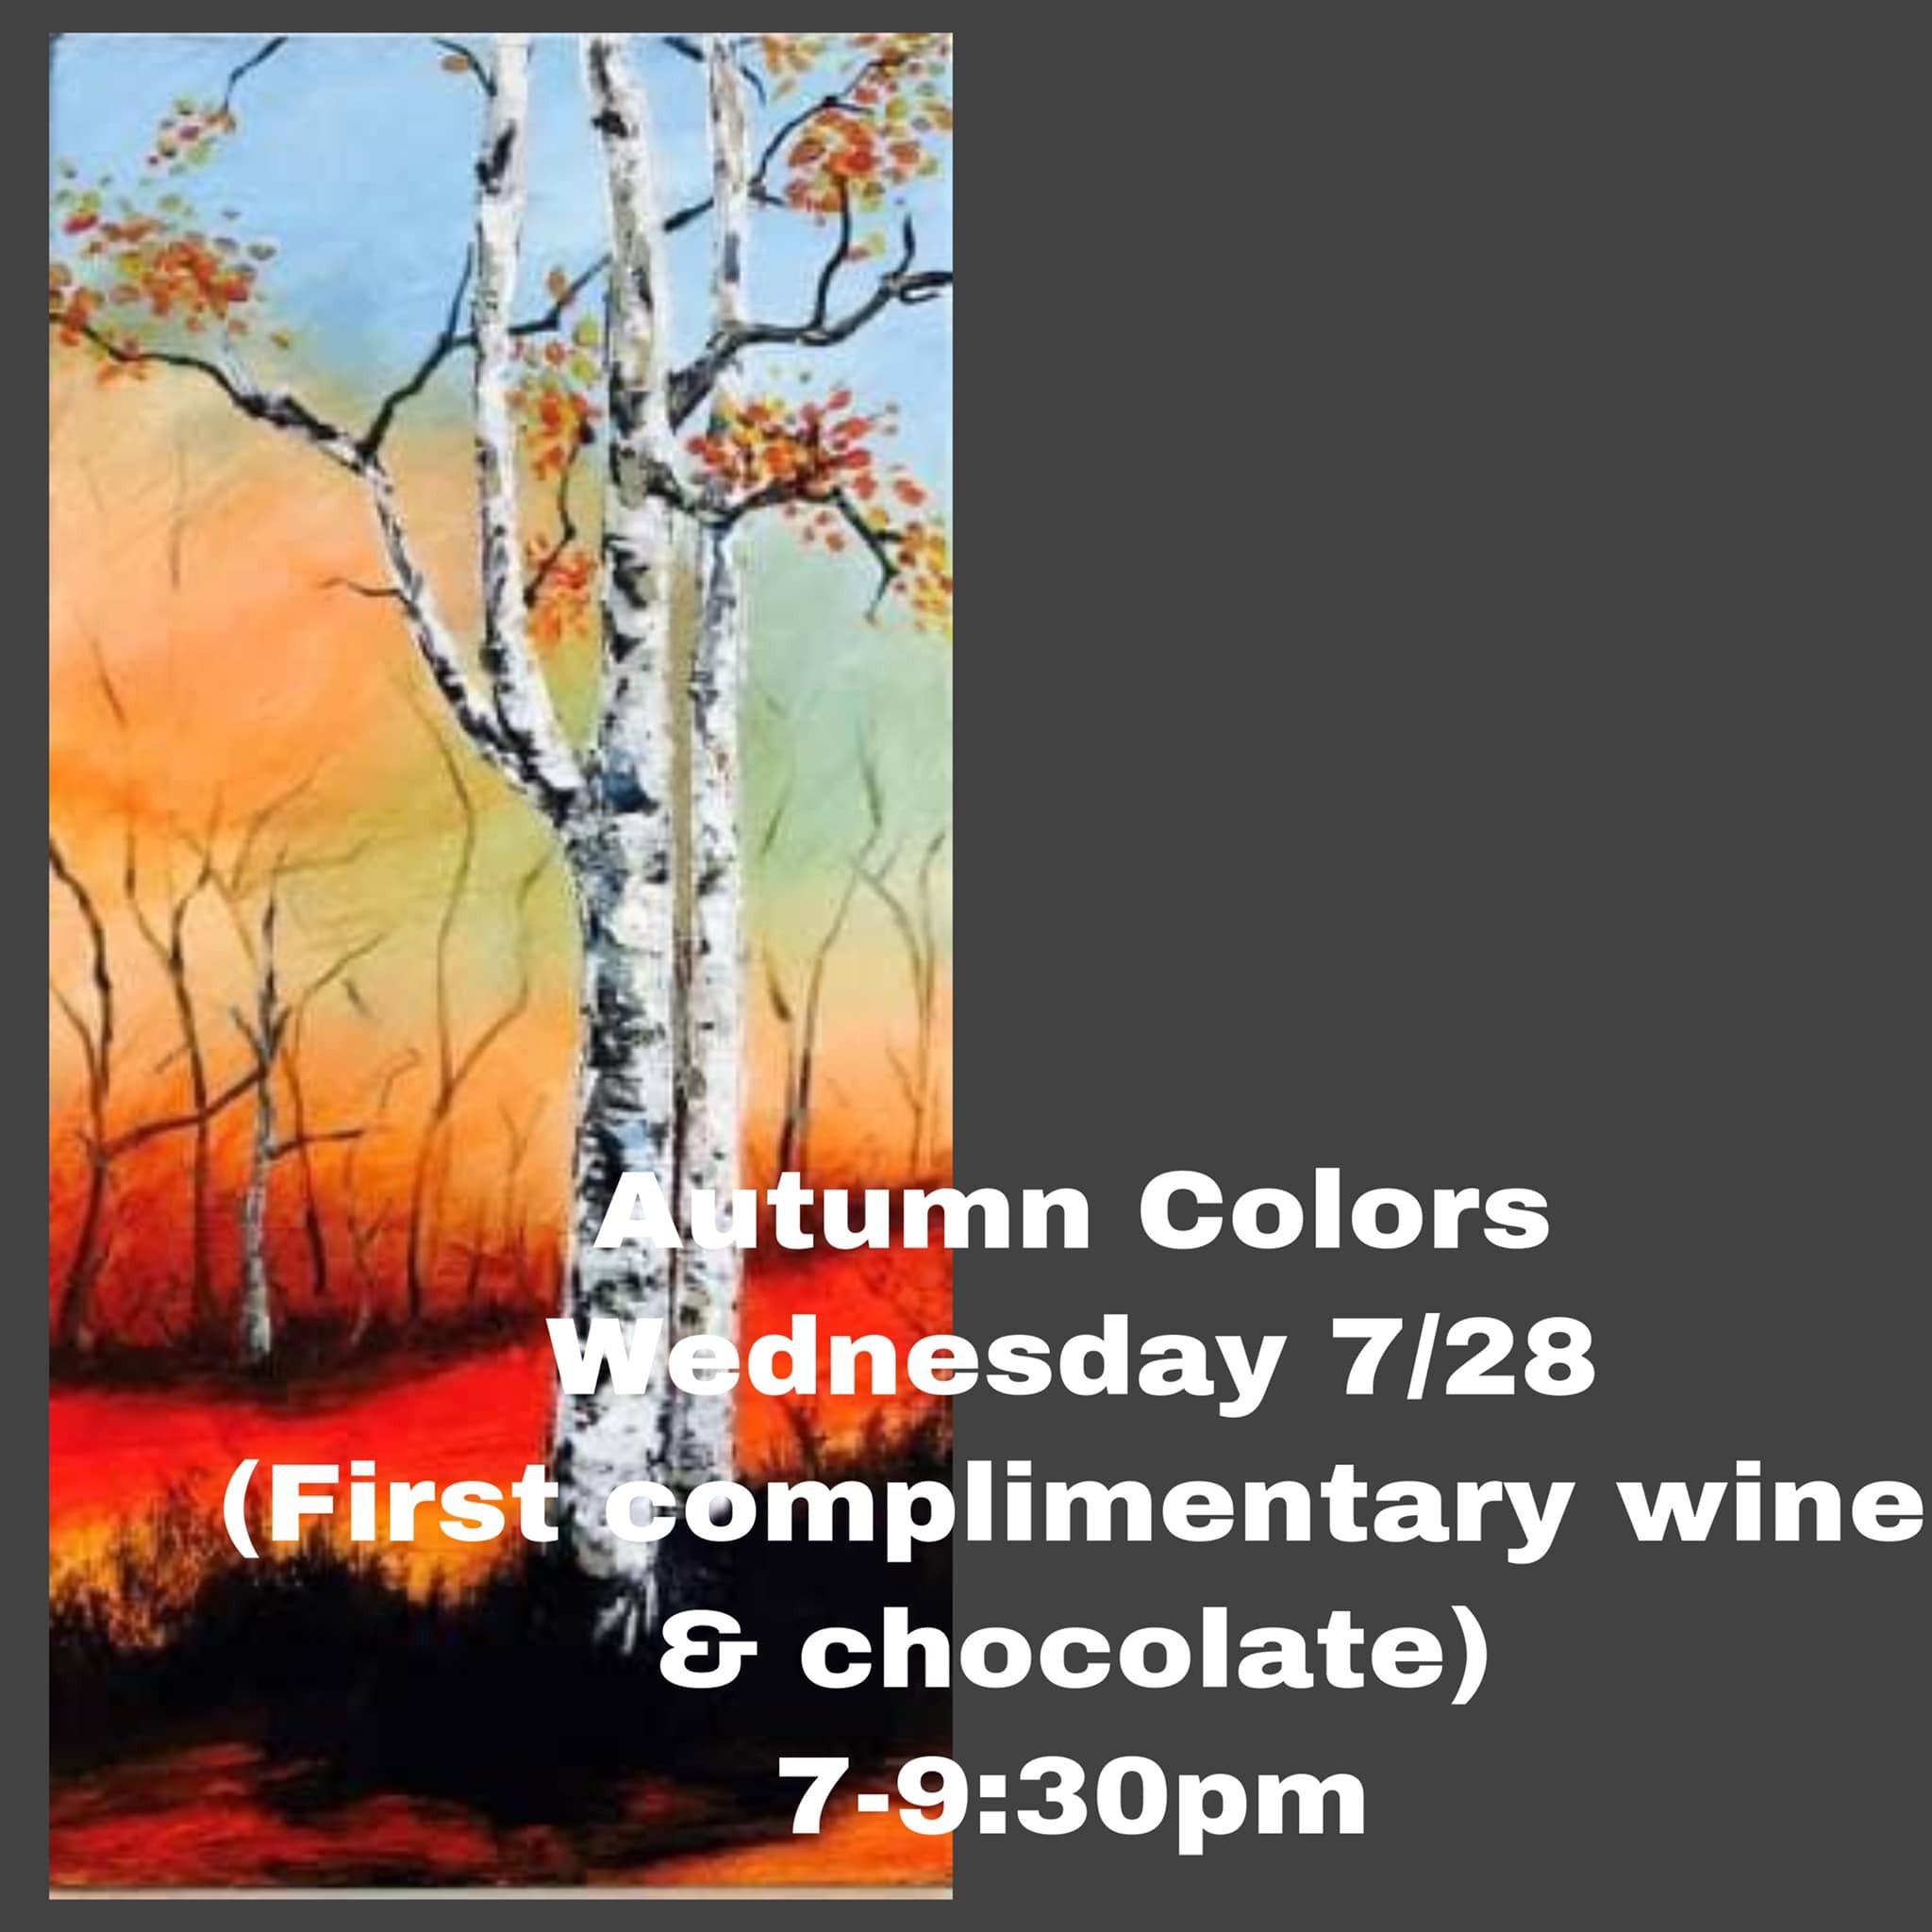 GNO Wednesday 7/28 - Autumn  C($3)